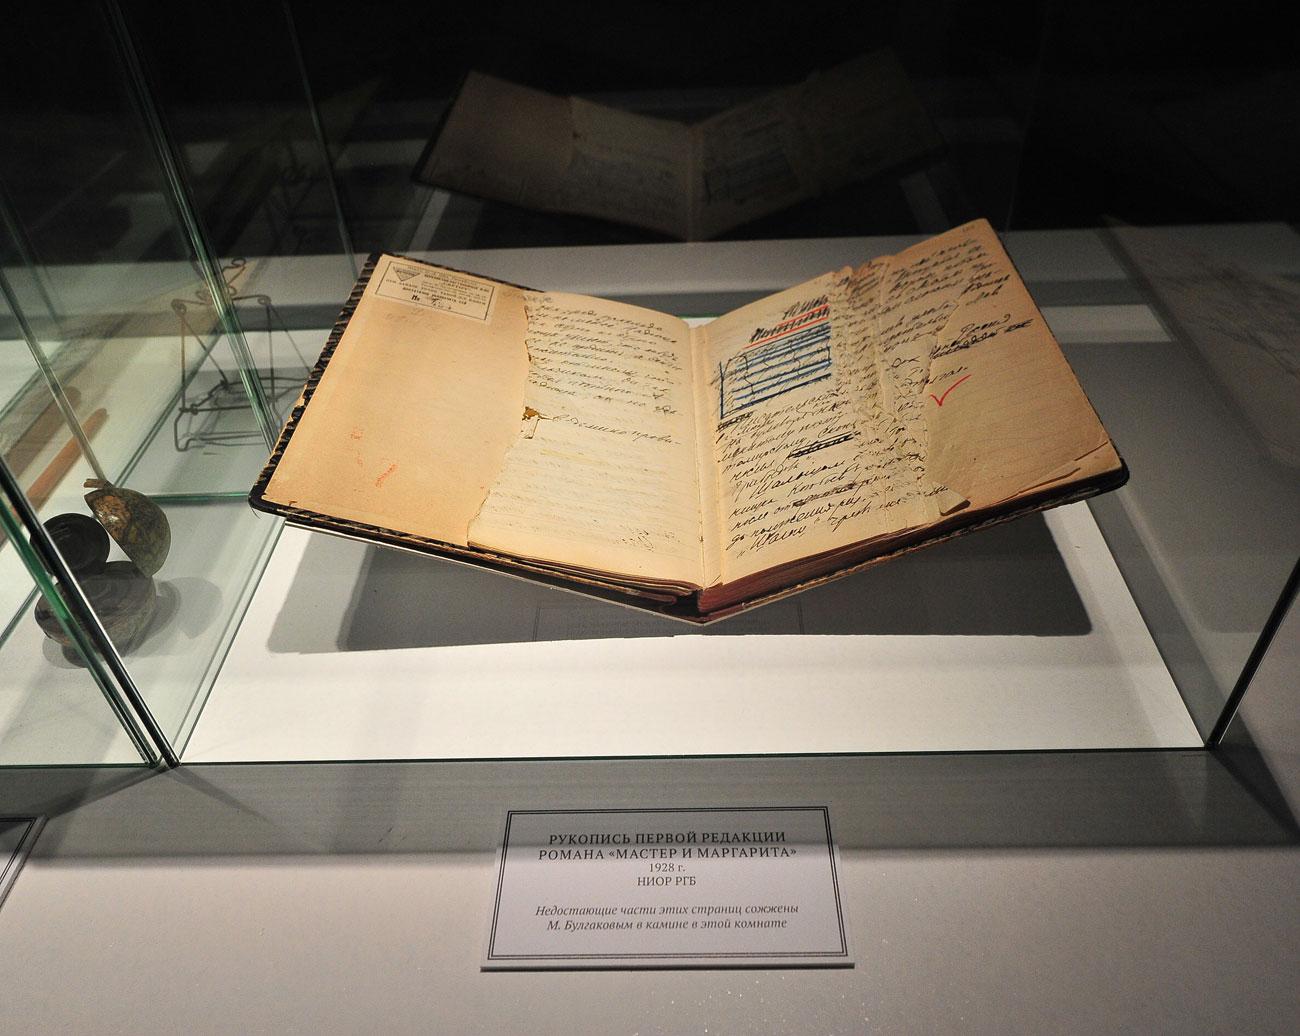 Manuscrito exibido na exposição em maio Foto: Agência Moskva